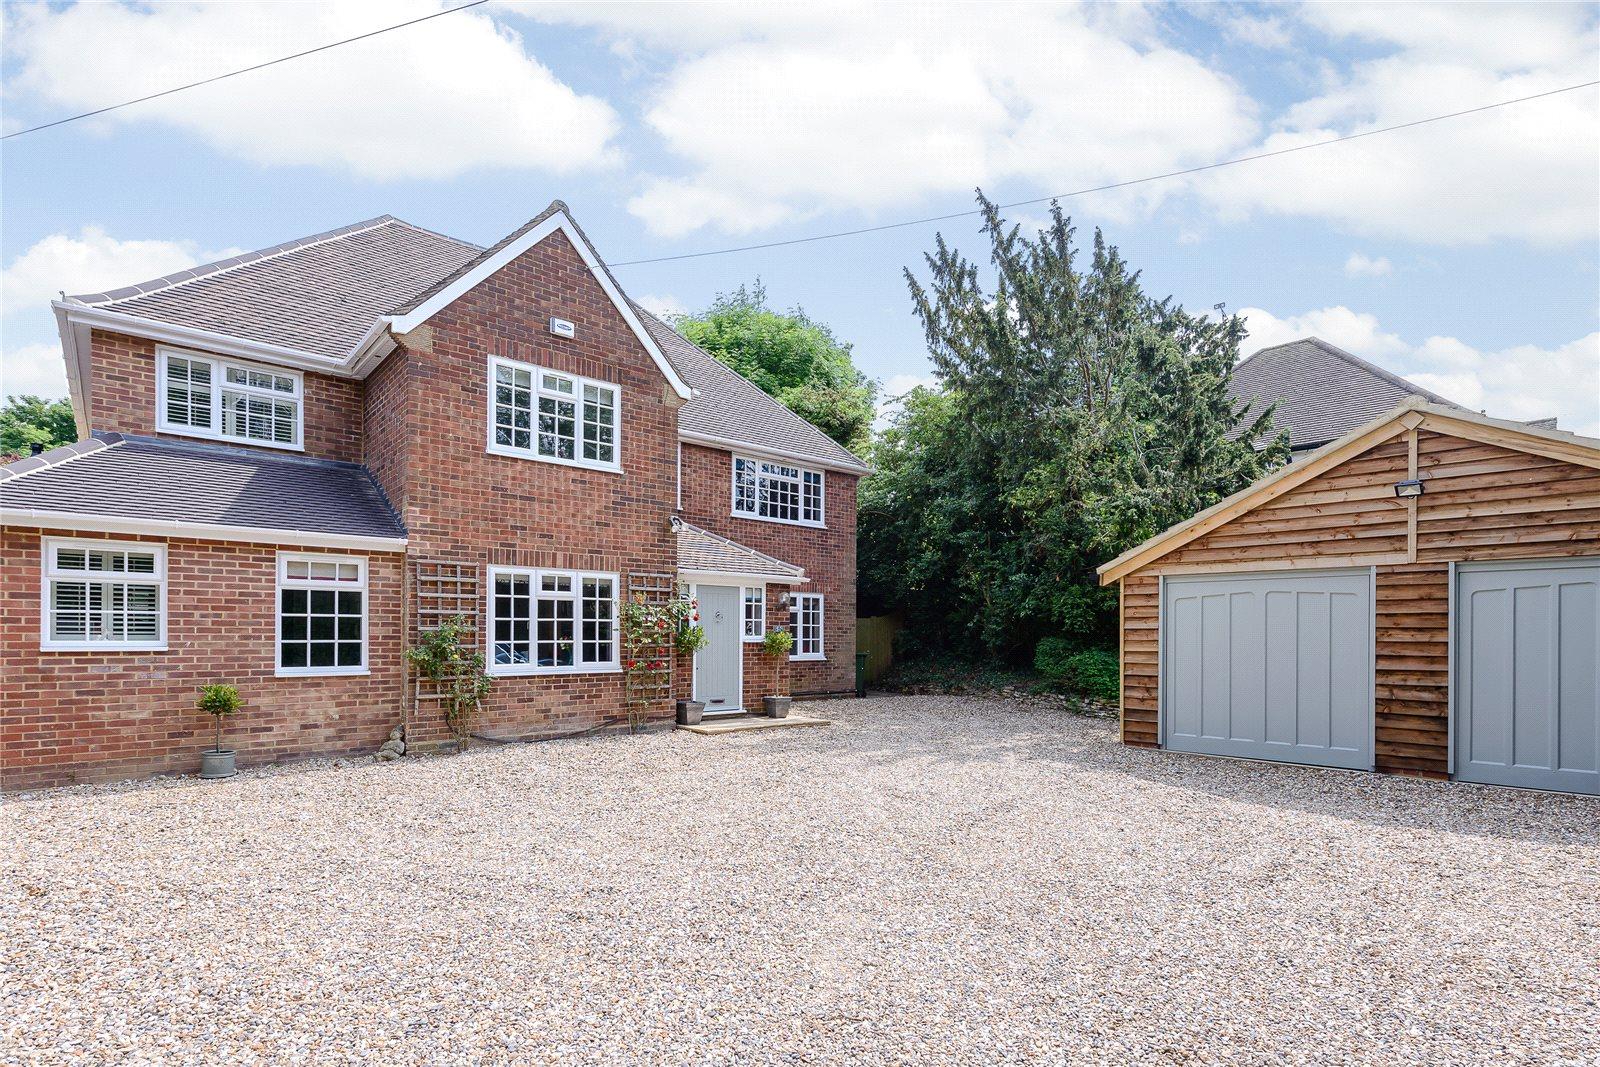 Maison unifamiliale pour l Vente à Watling Street, St. Albans, Hertfordshire, AL1 St Albans, Angleterre